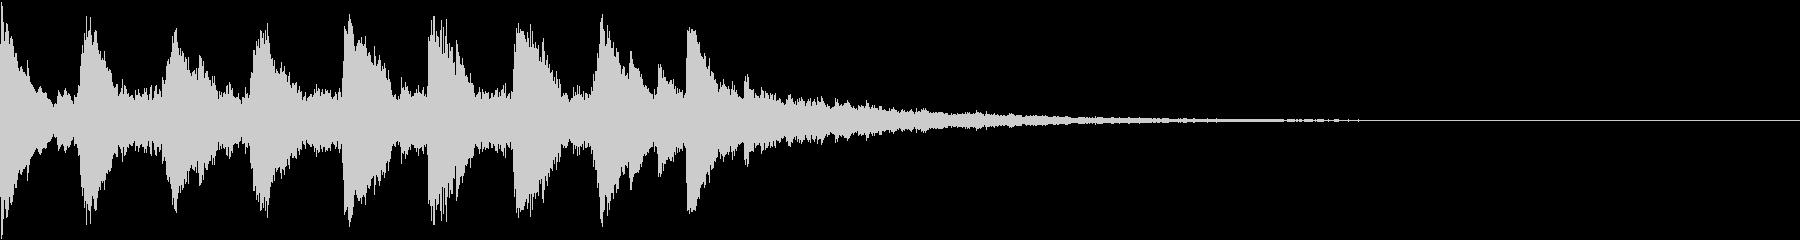 オープニング56の未再生の波形